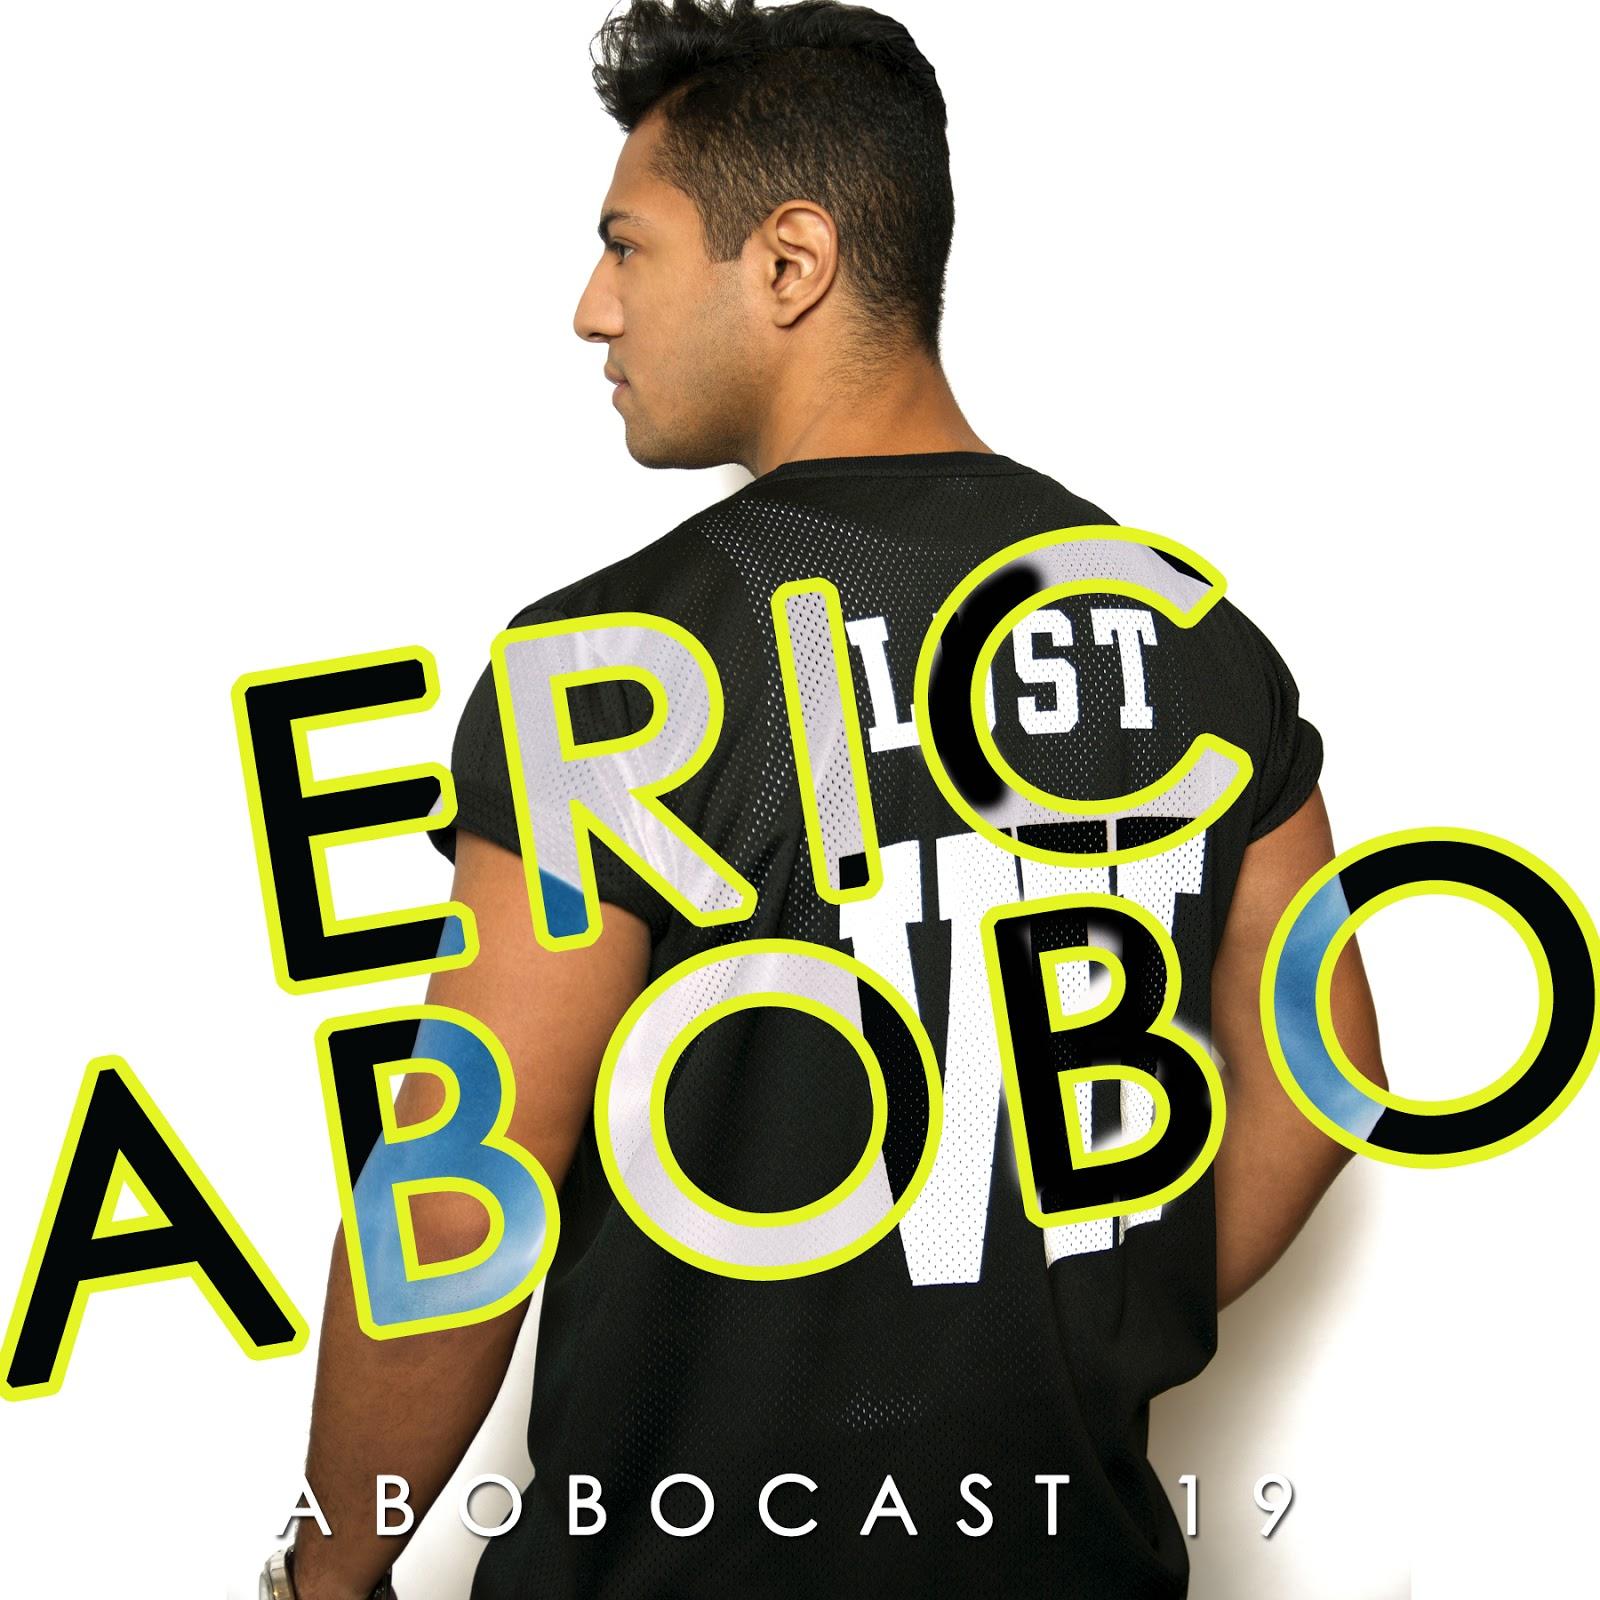 DJ ERIC ABOBO - ABOBOCAST 19